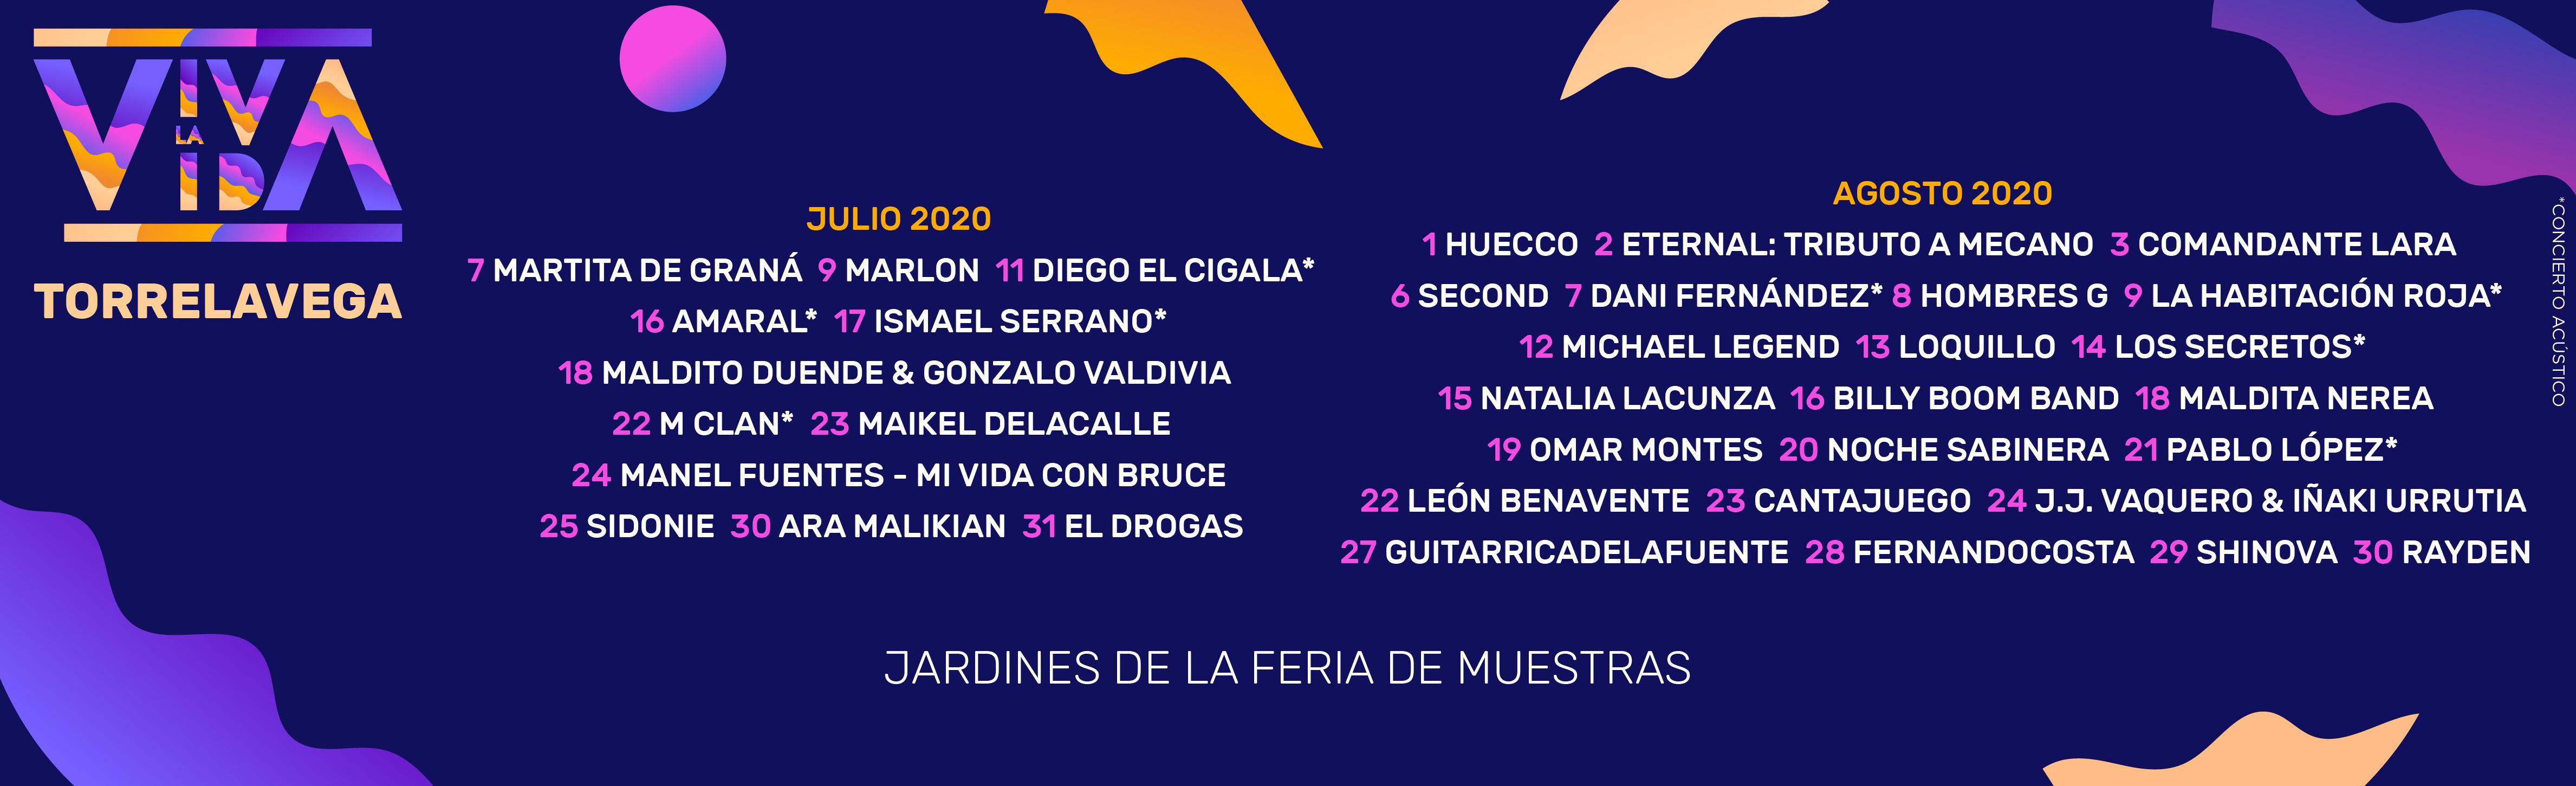 viva-la-vida-omar-montes-19-agosto-5efb5d24b5aaf.jpeg